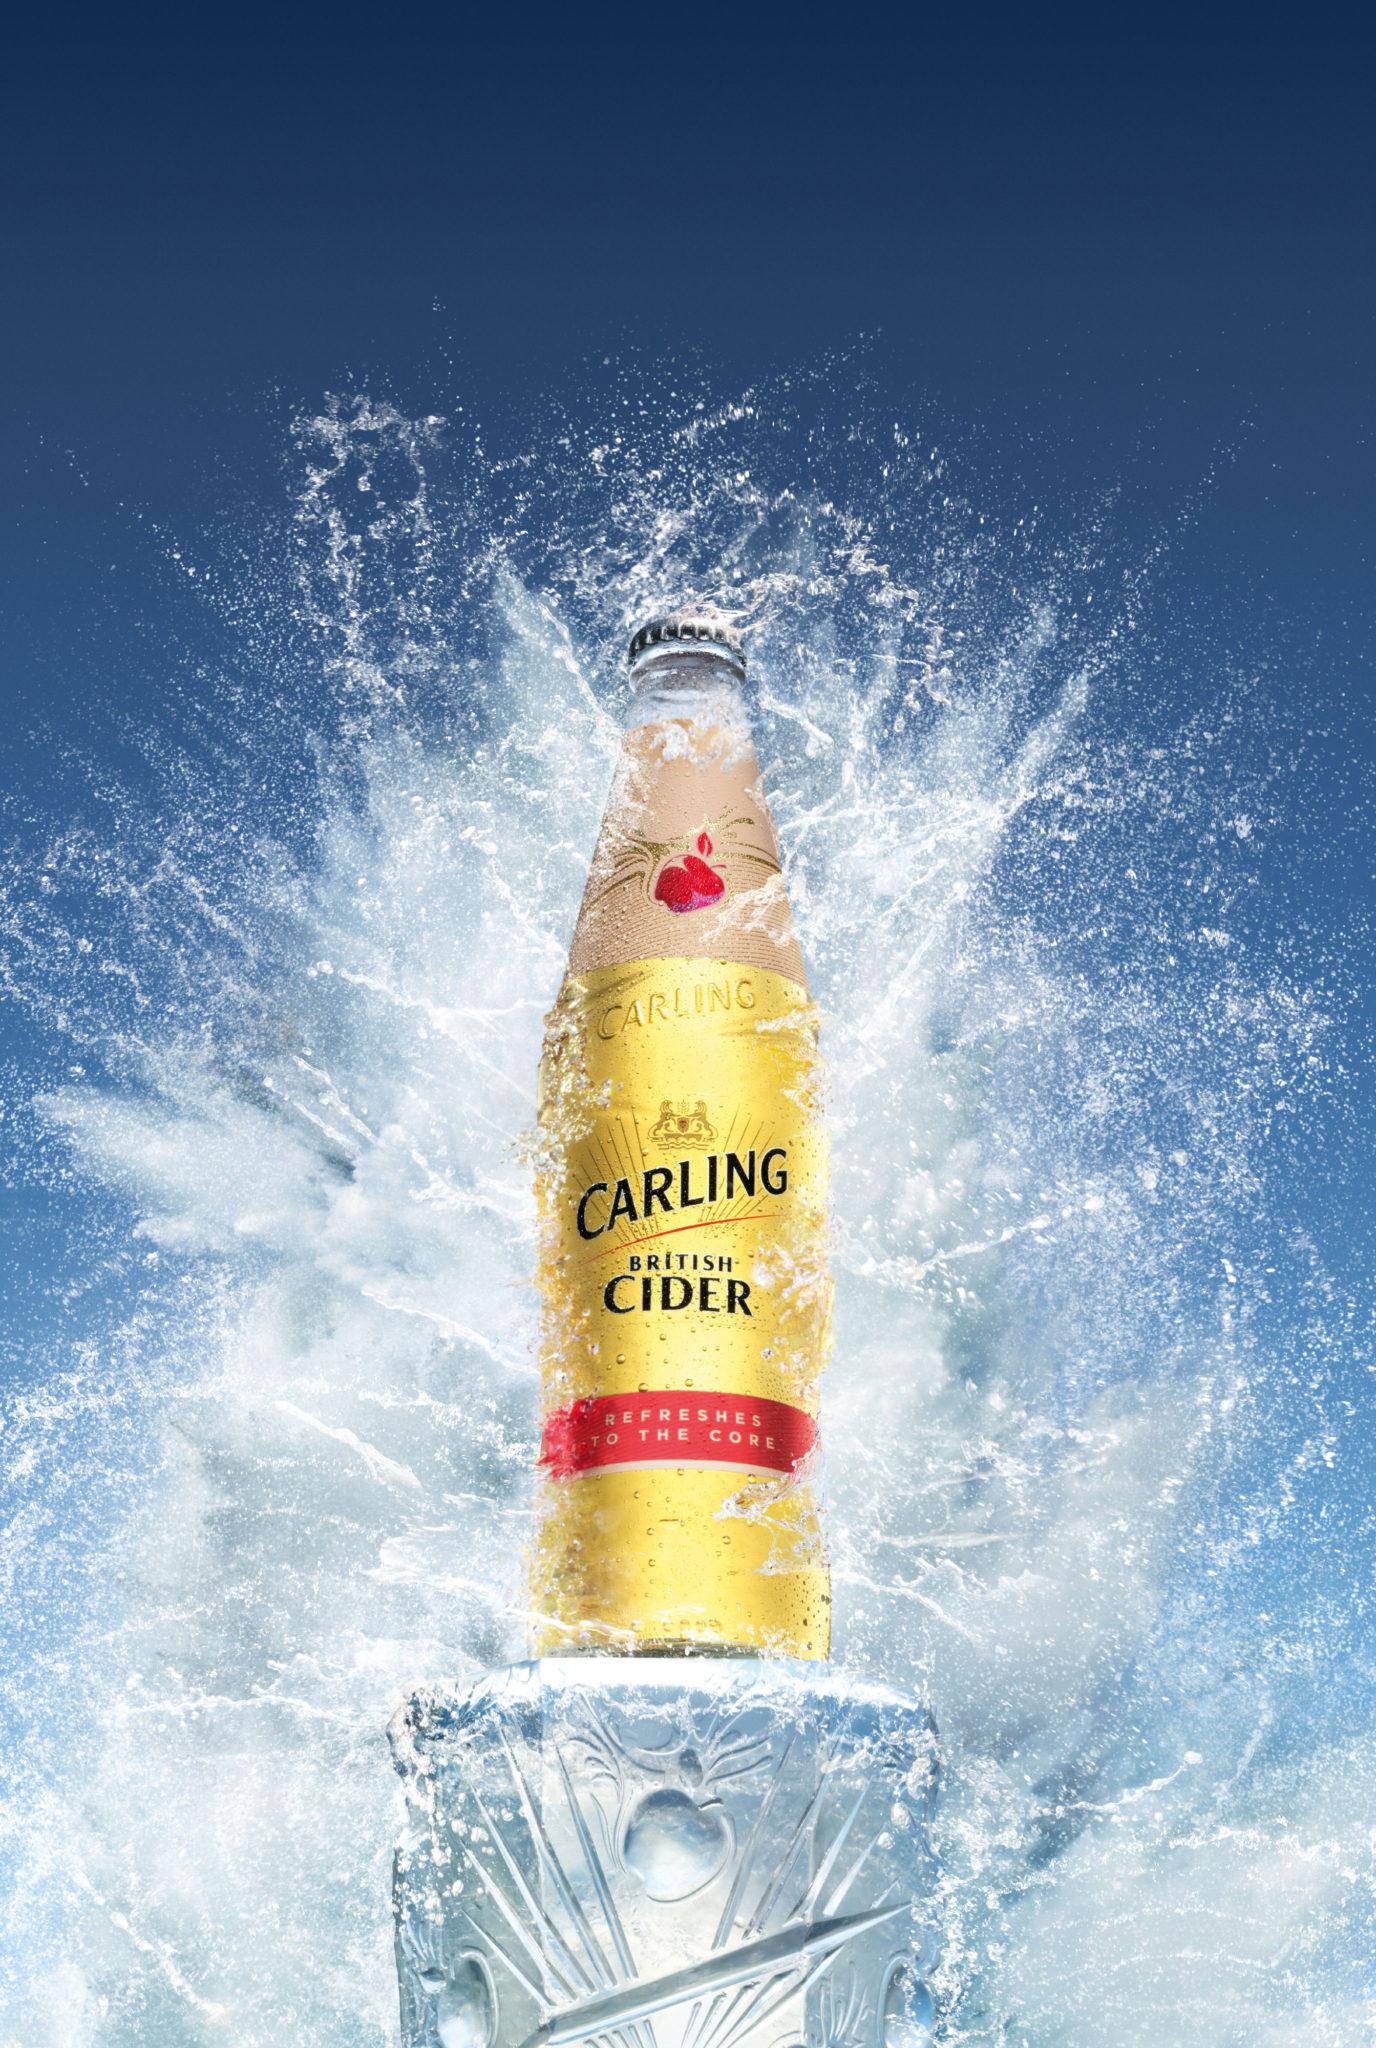 2704_Cider_Splash_Apple_Bottle_BG_r4_4k